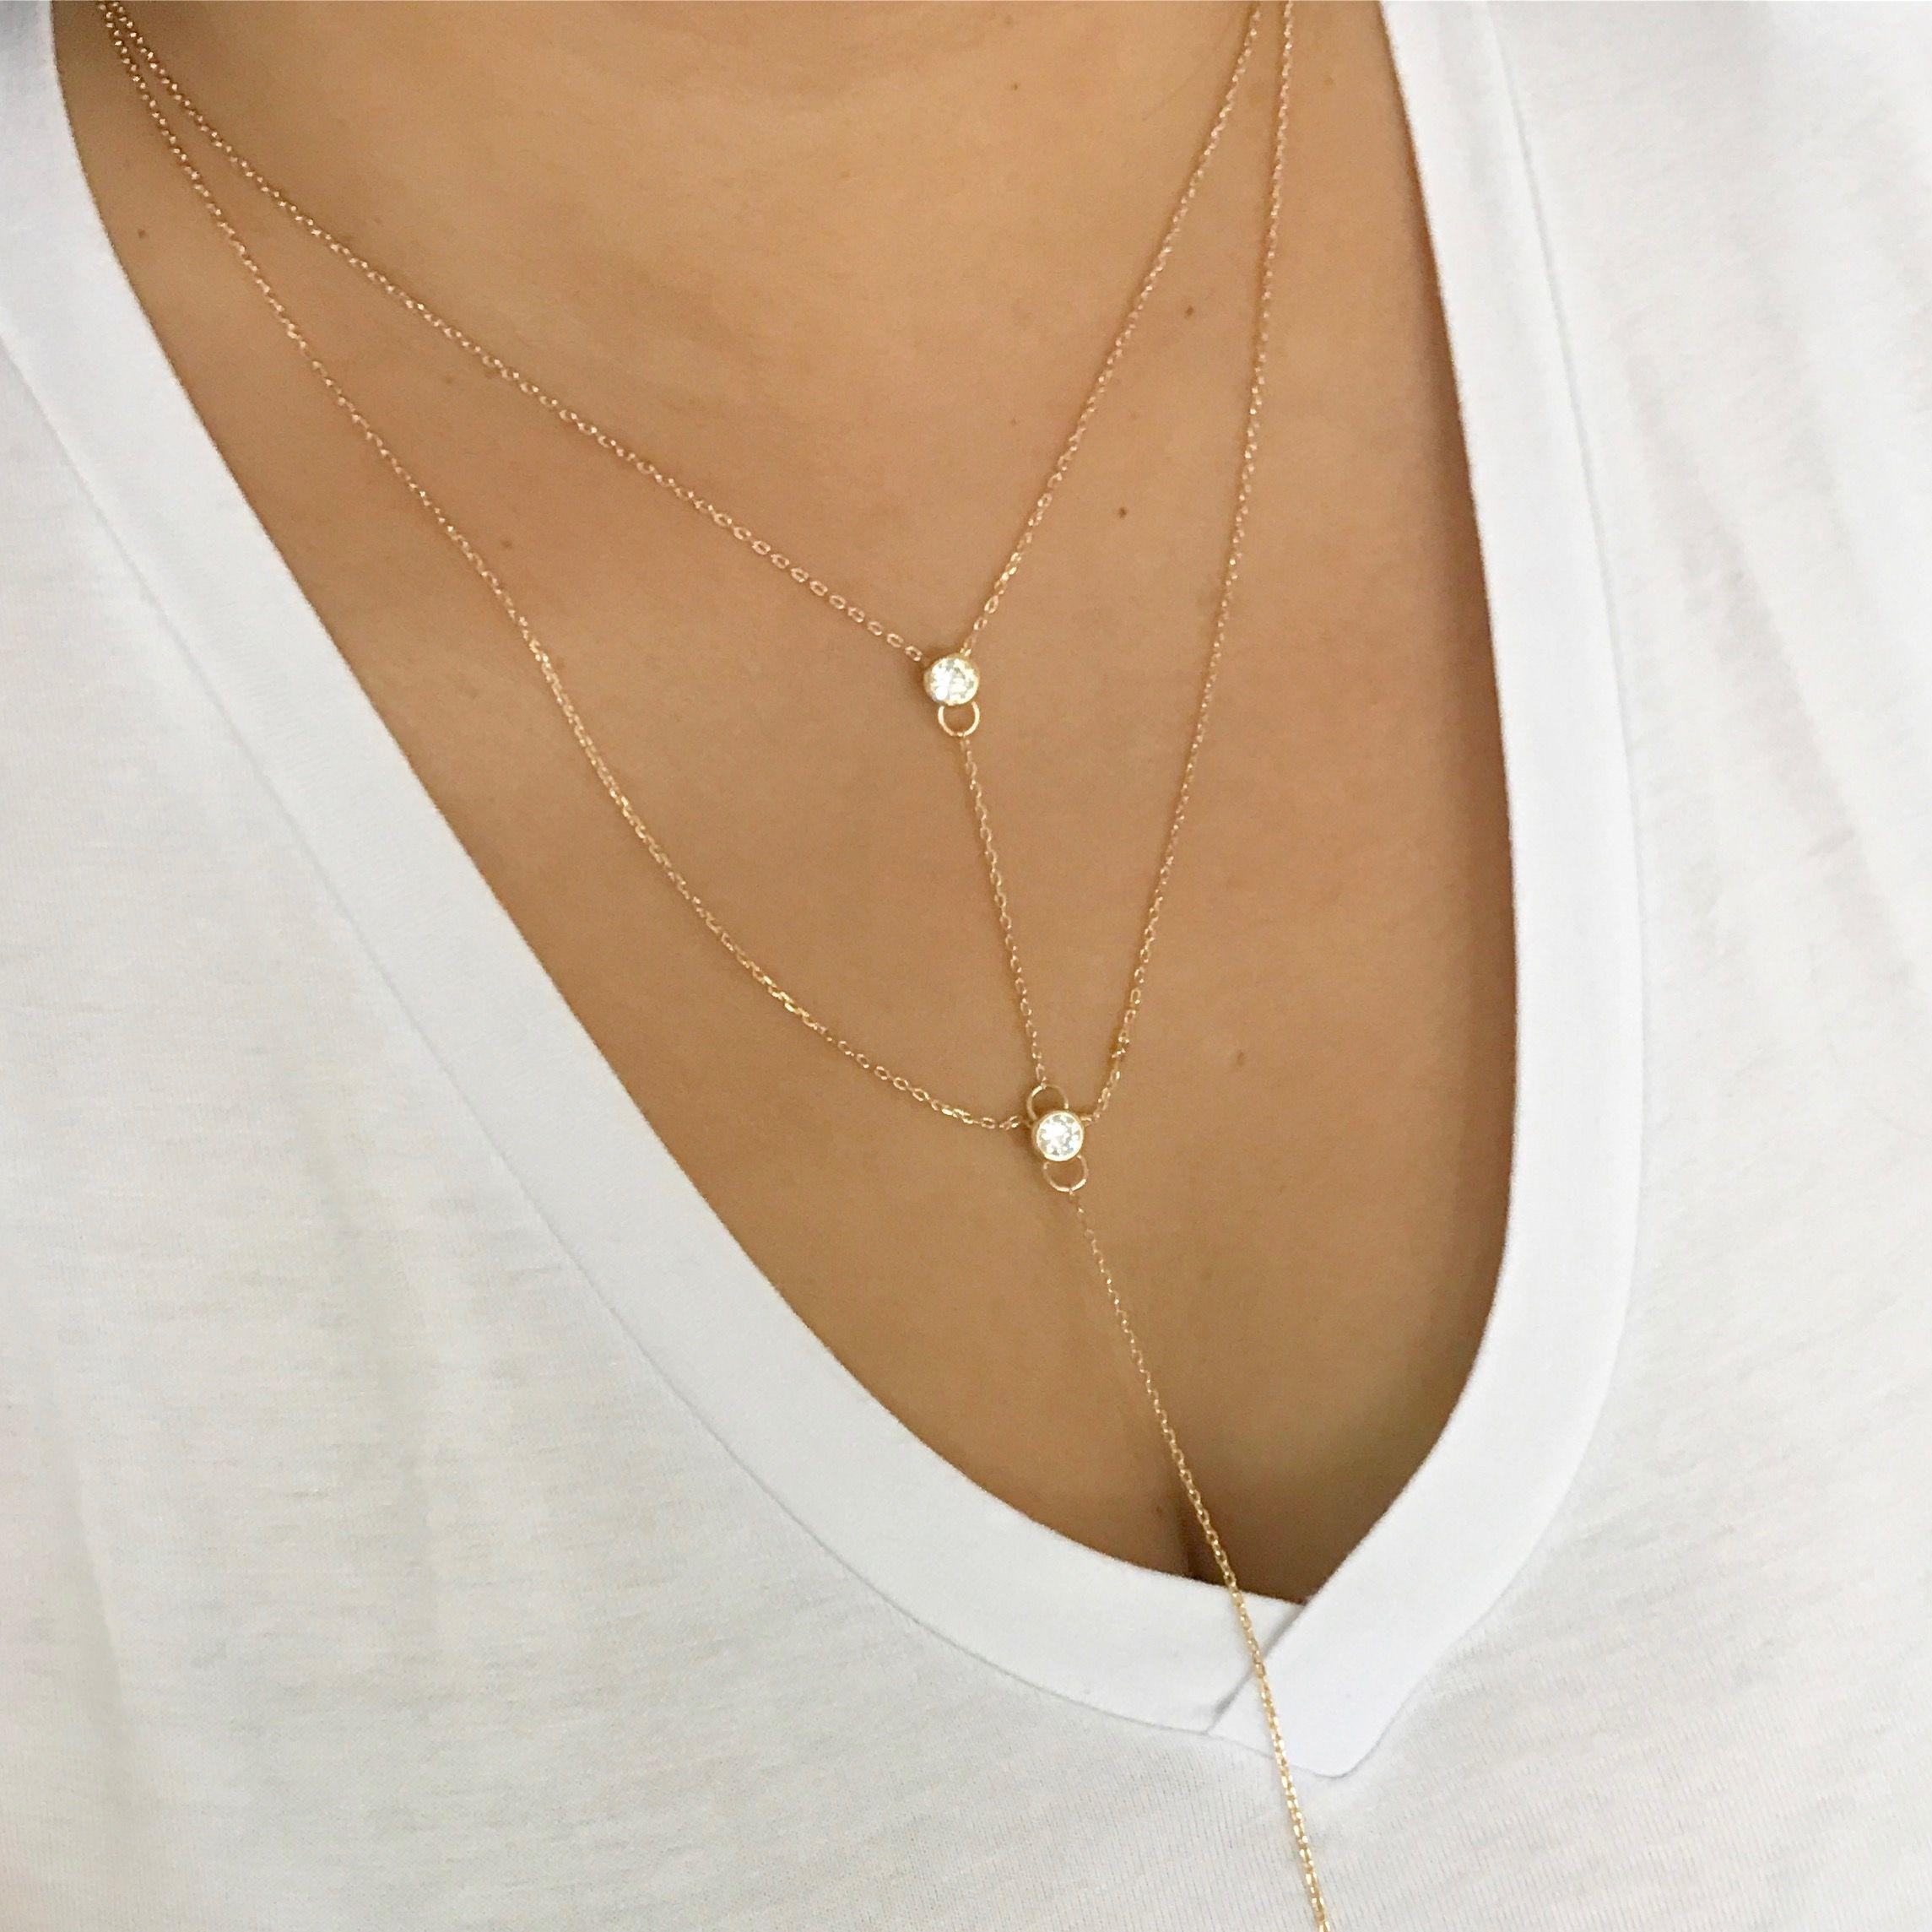 bc9a4e88cd5f6 Colar duplo gravatinha com ponto de luz em zirconias. Banhado à ouro.  Hipoalergênico.   colares  semijoia  acessorios  pingentes  instajewelry   fashion ...